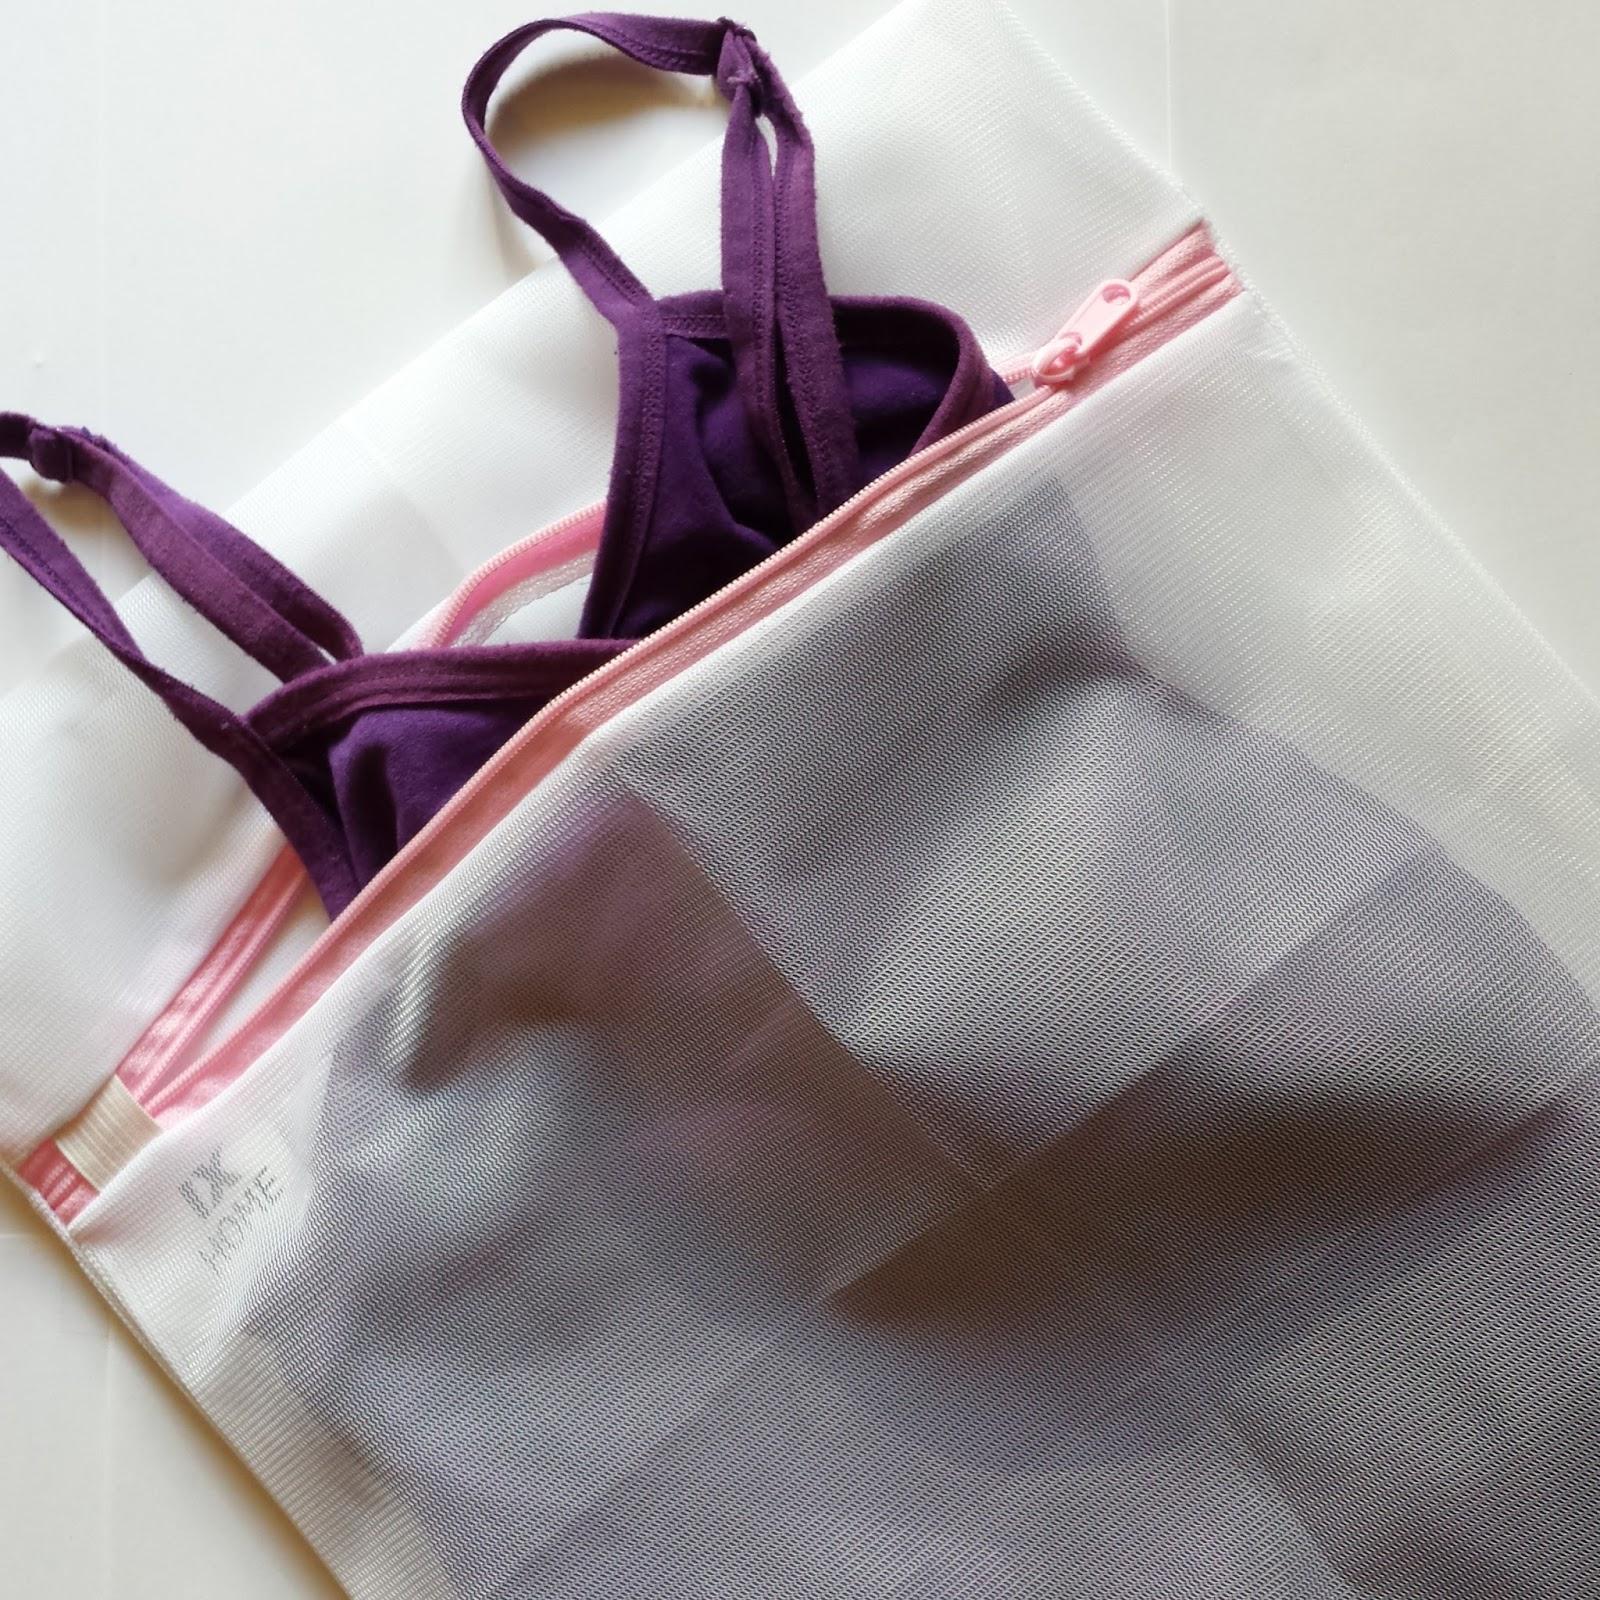 WashGuard - Lingerie Bags